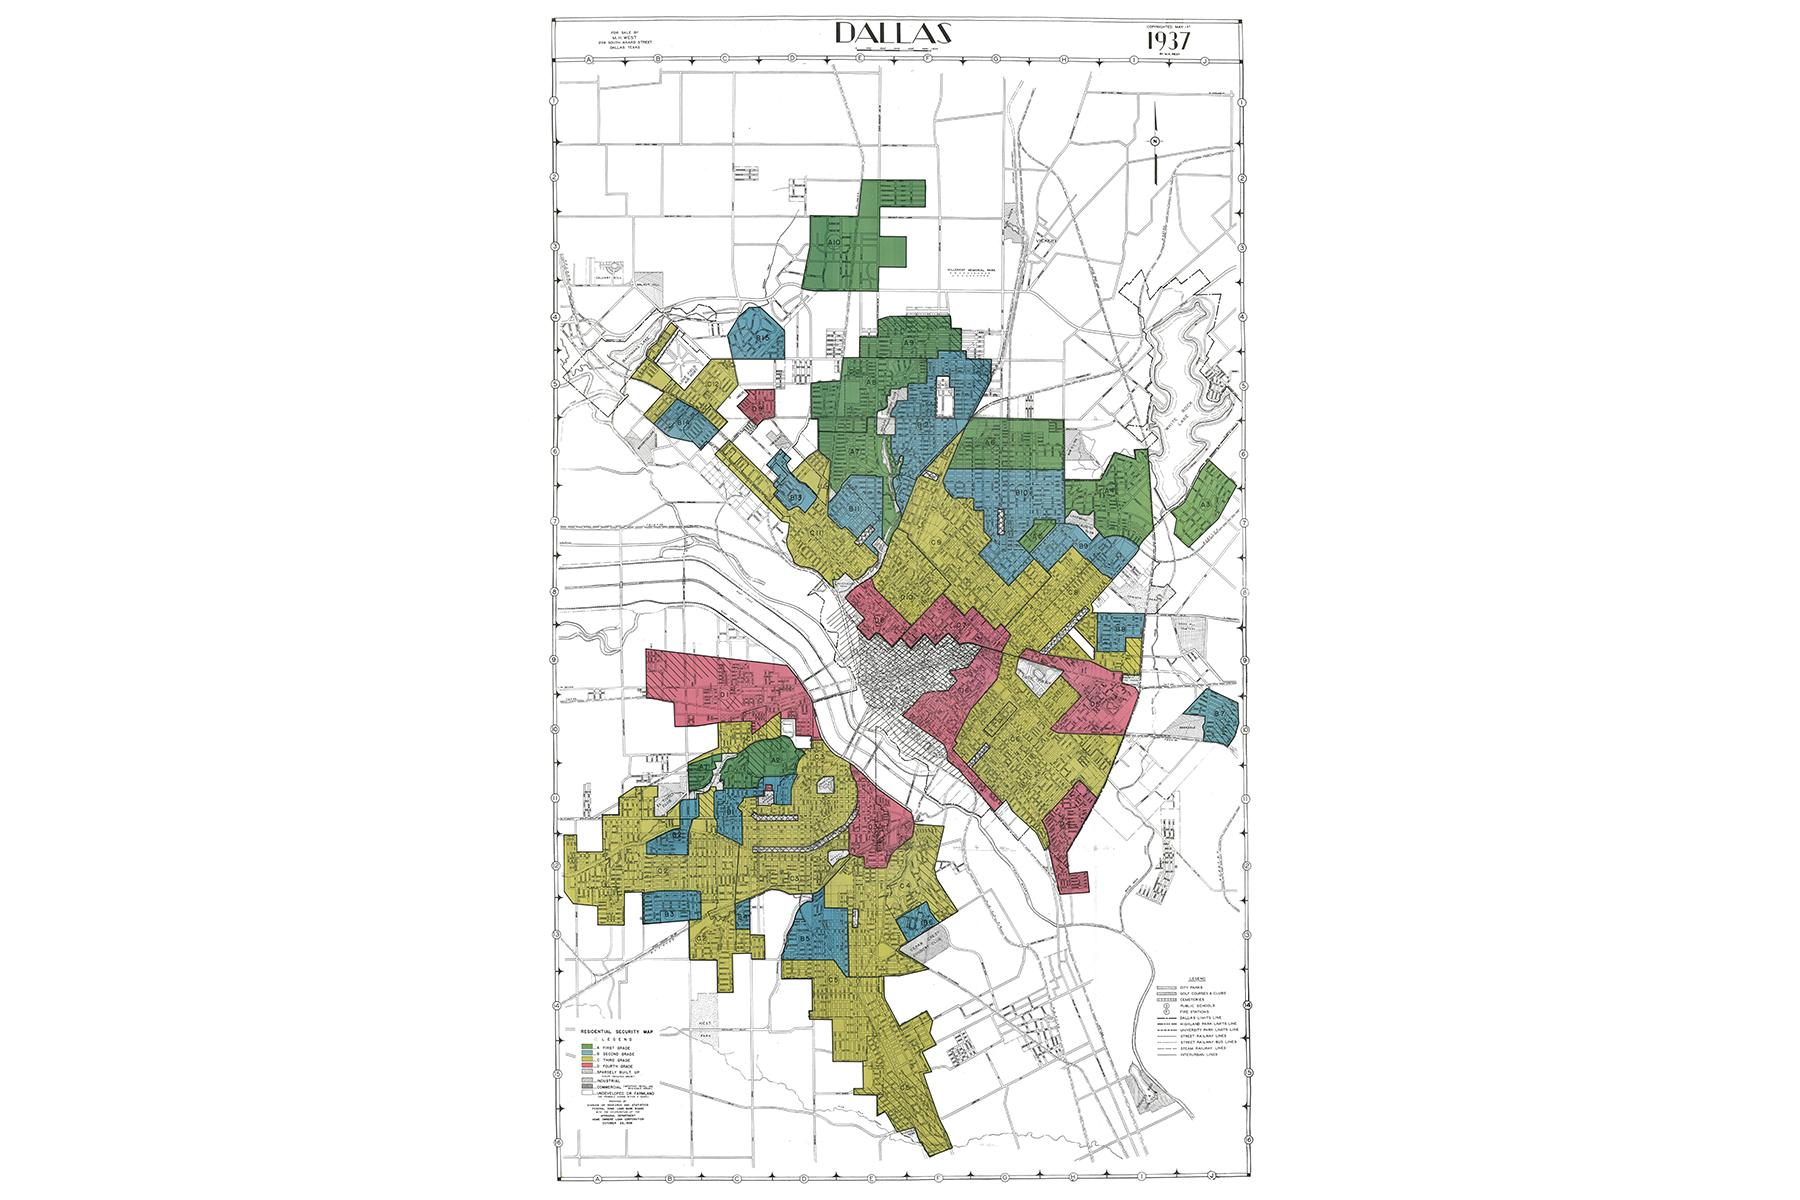 Map of Dallas 1937